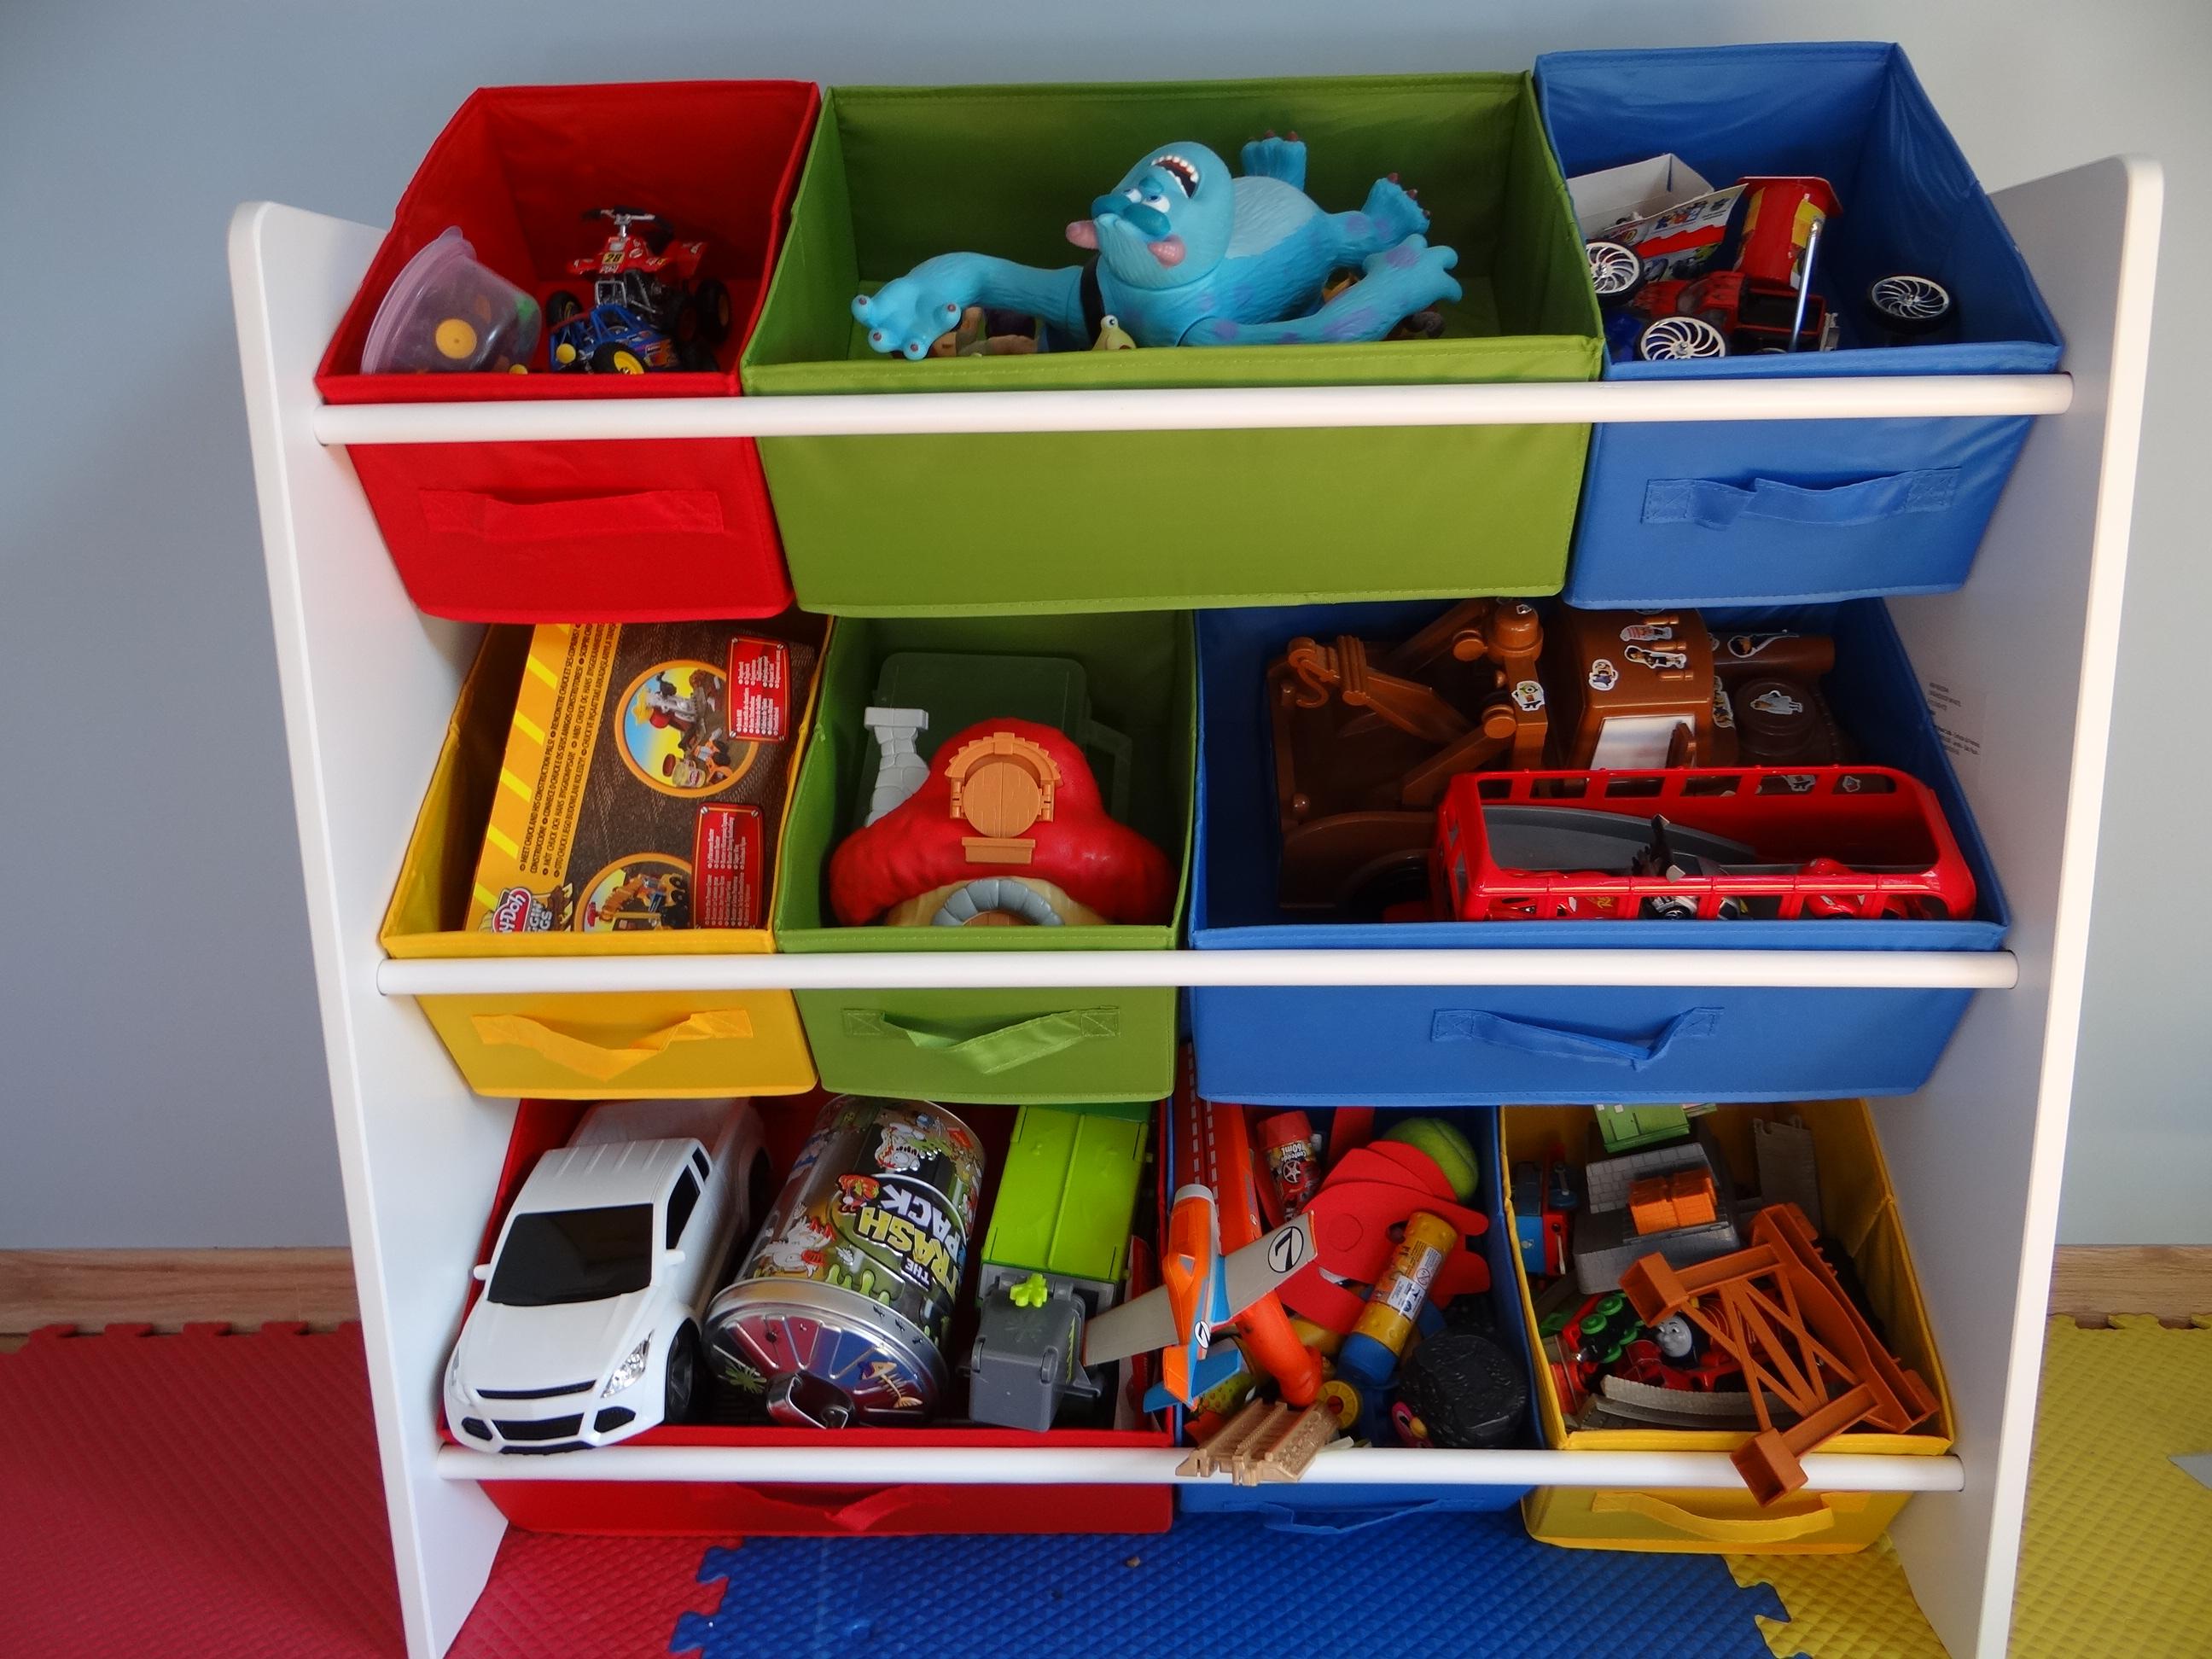 Organiza O A Base De Tudo Lojas Wessel Escrit Rio Escolar  ~ Organizando O Quarto De Brinquedos